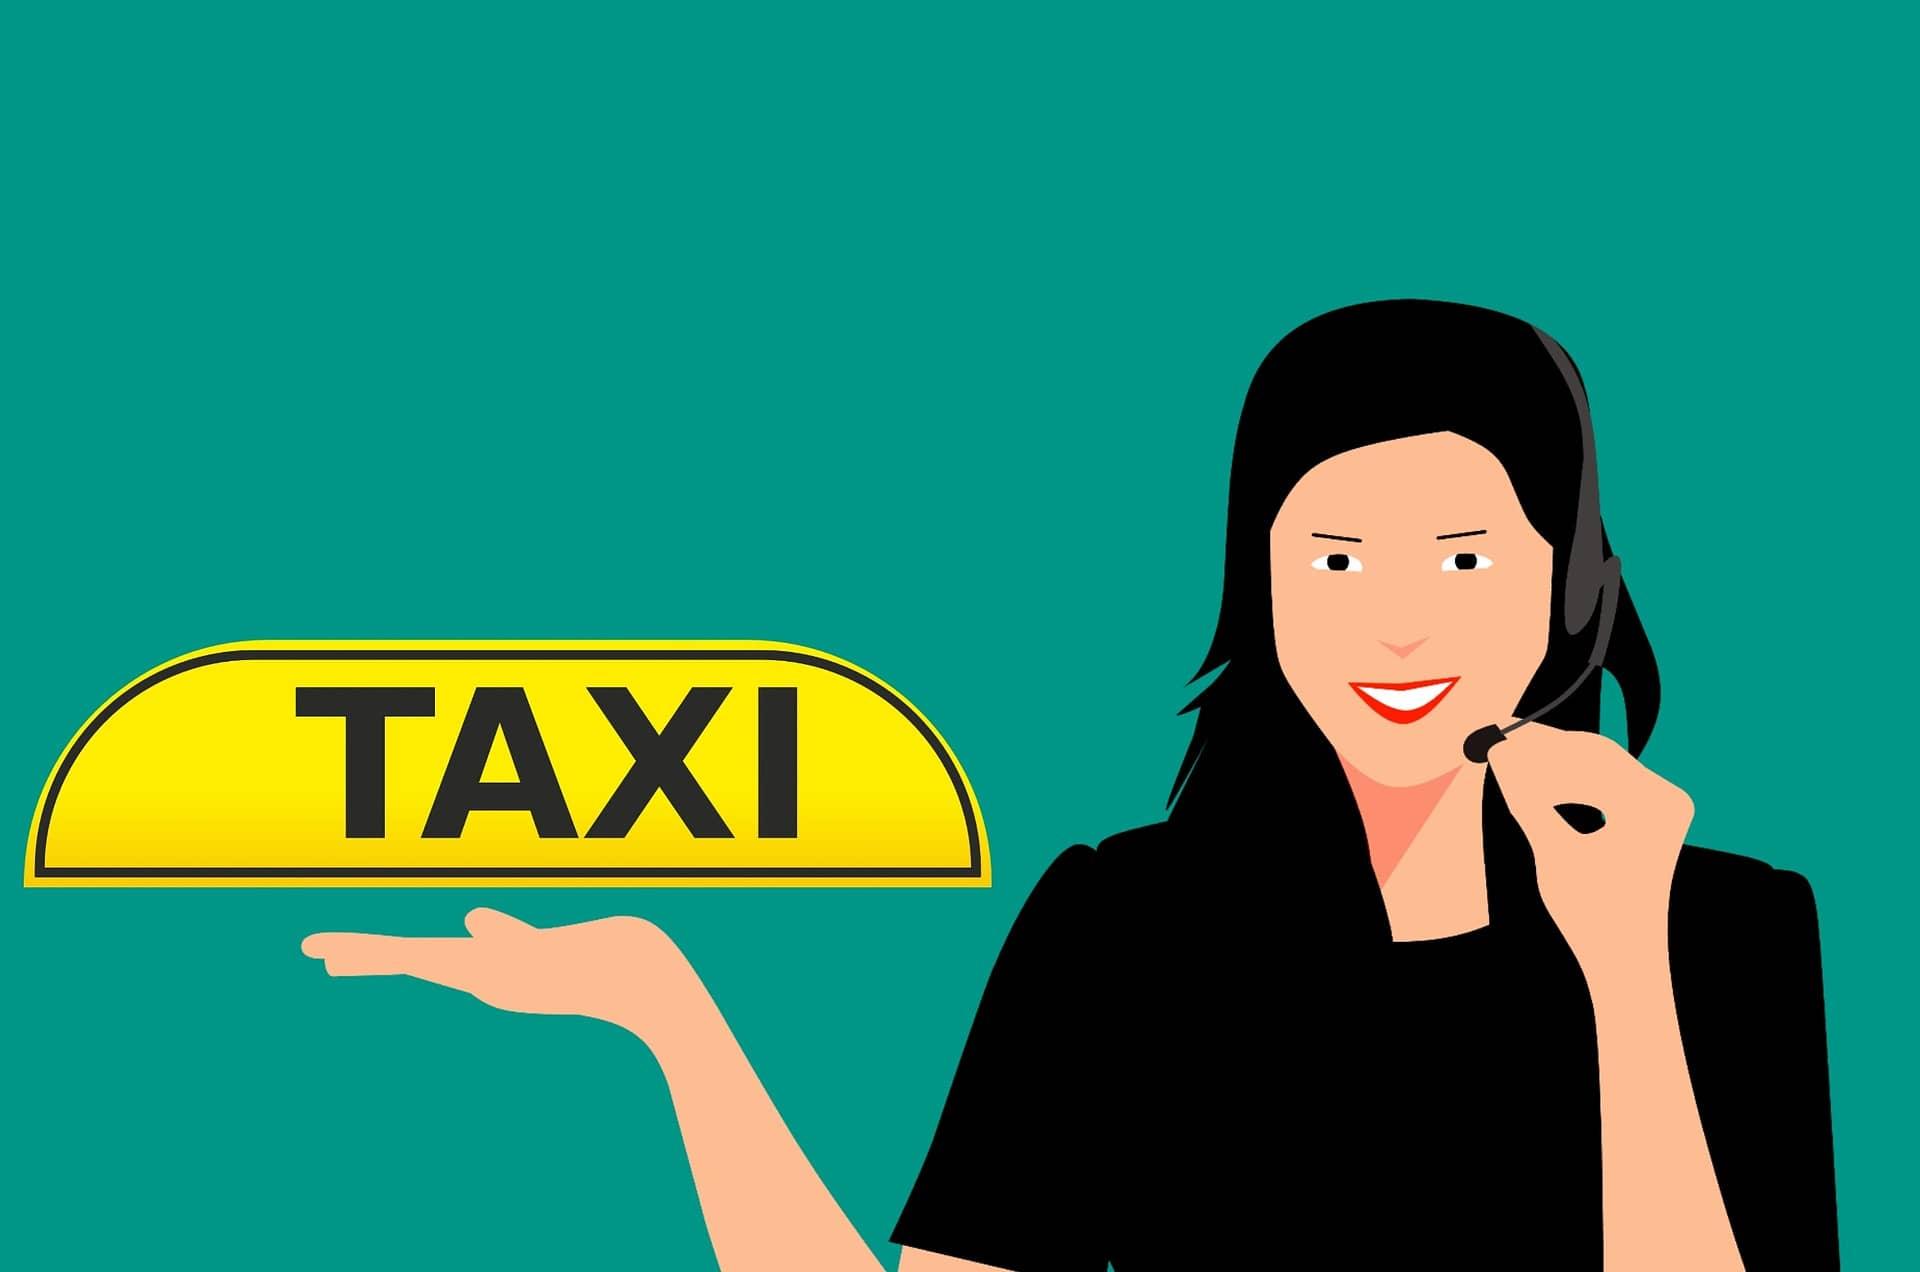 taxi 3318766 1920 1